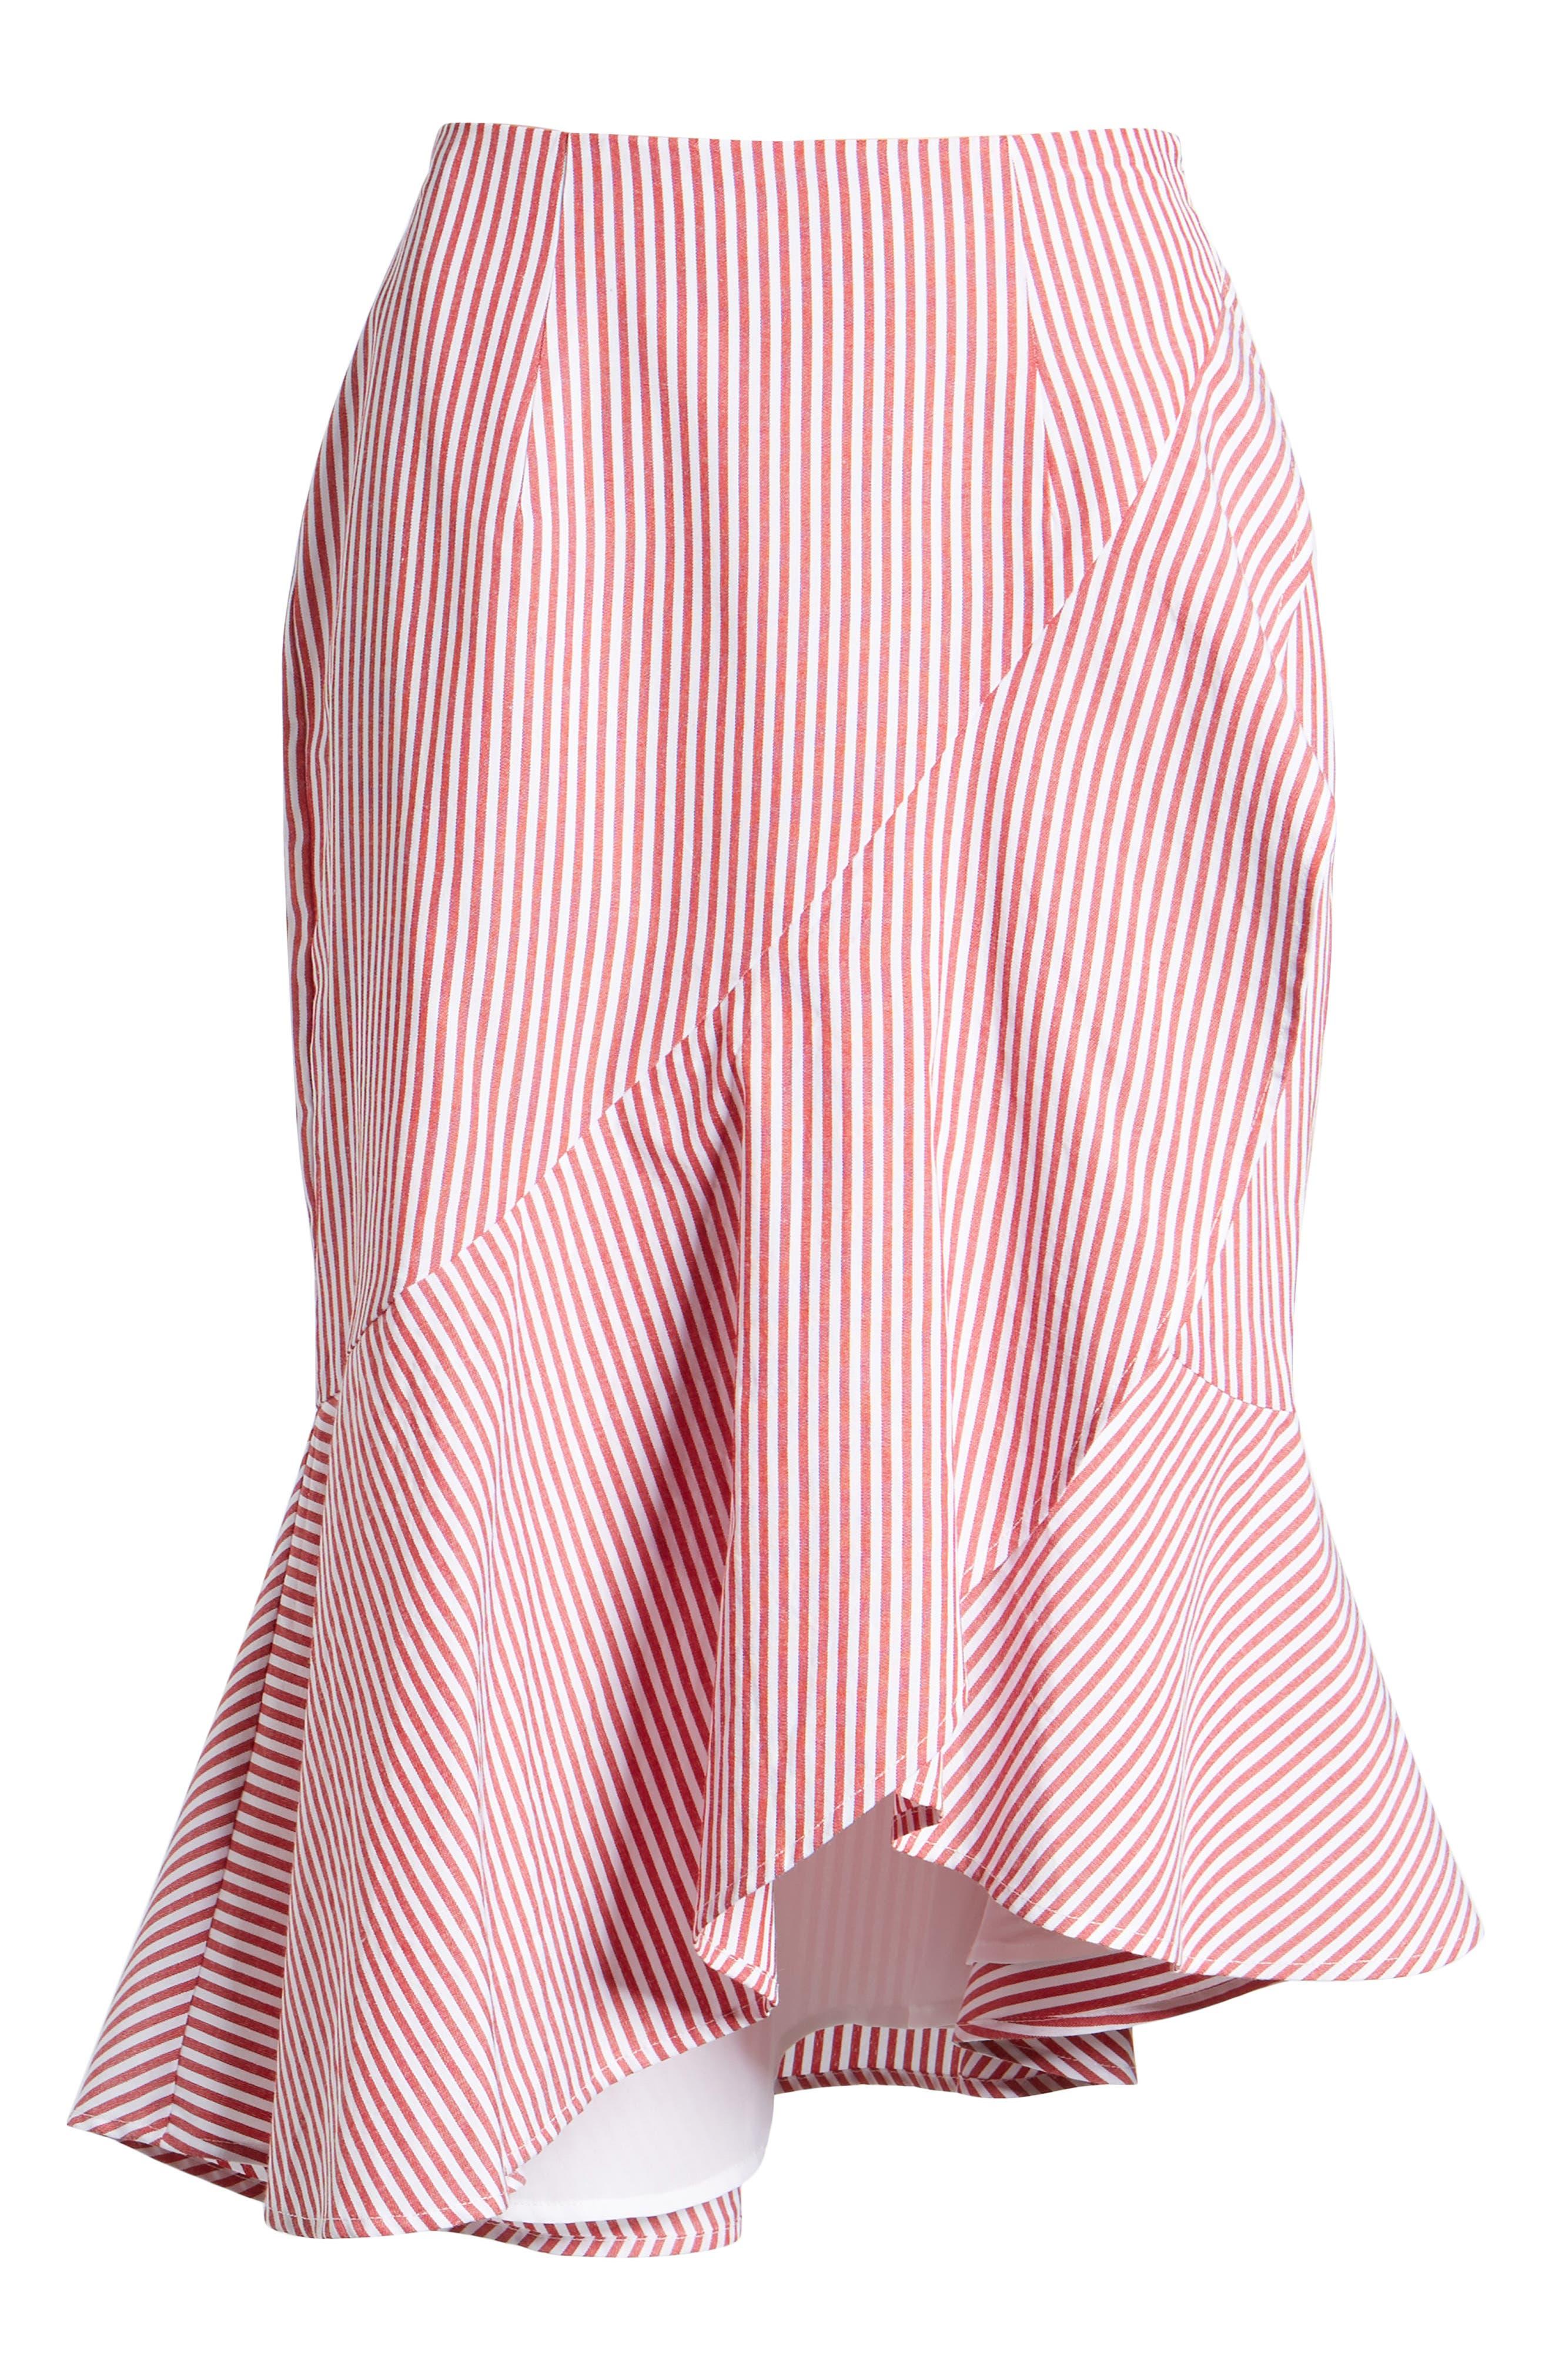 Naples Ruffle Skirt,                             Alternate thumbnail 6, color,                             Red Stripe